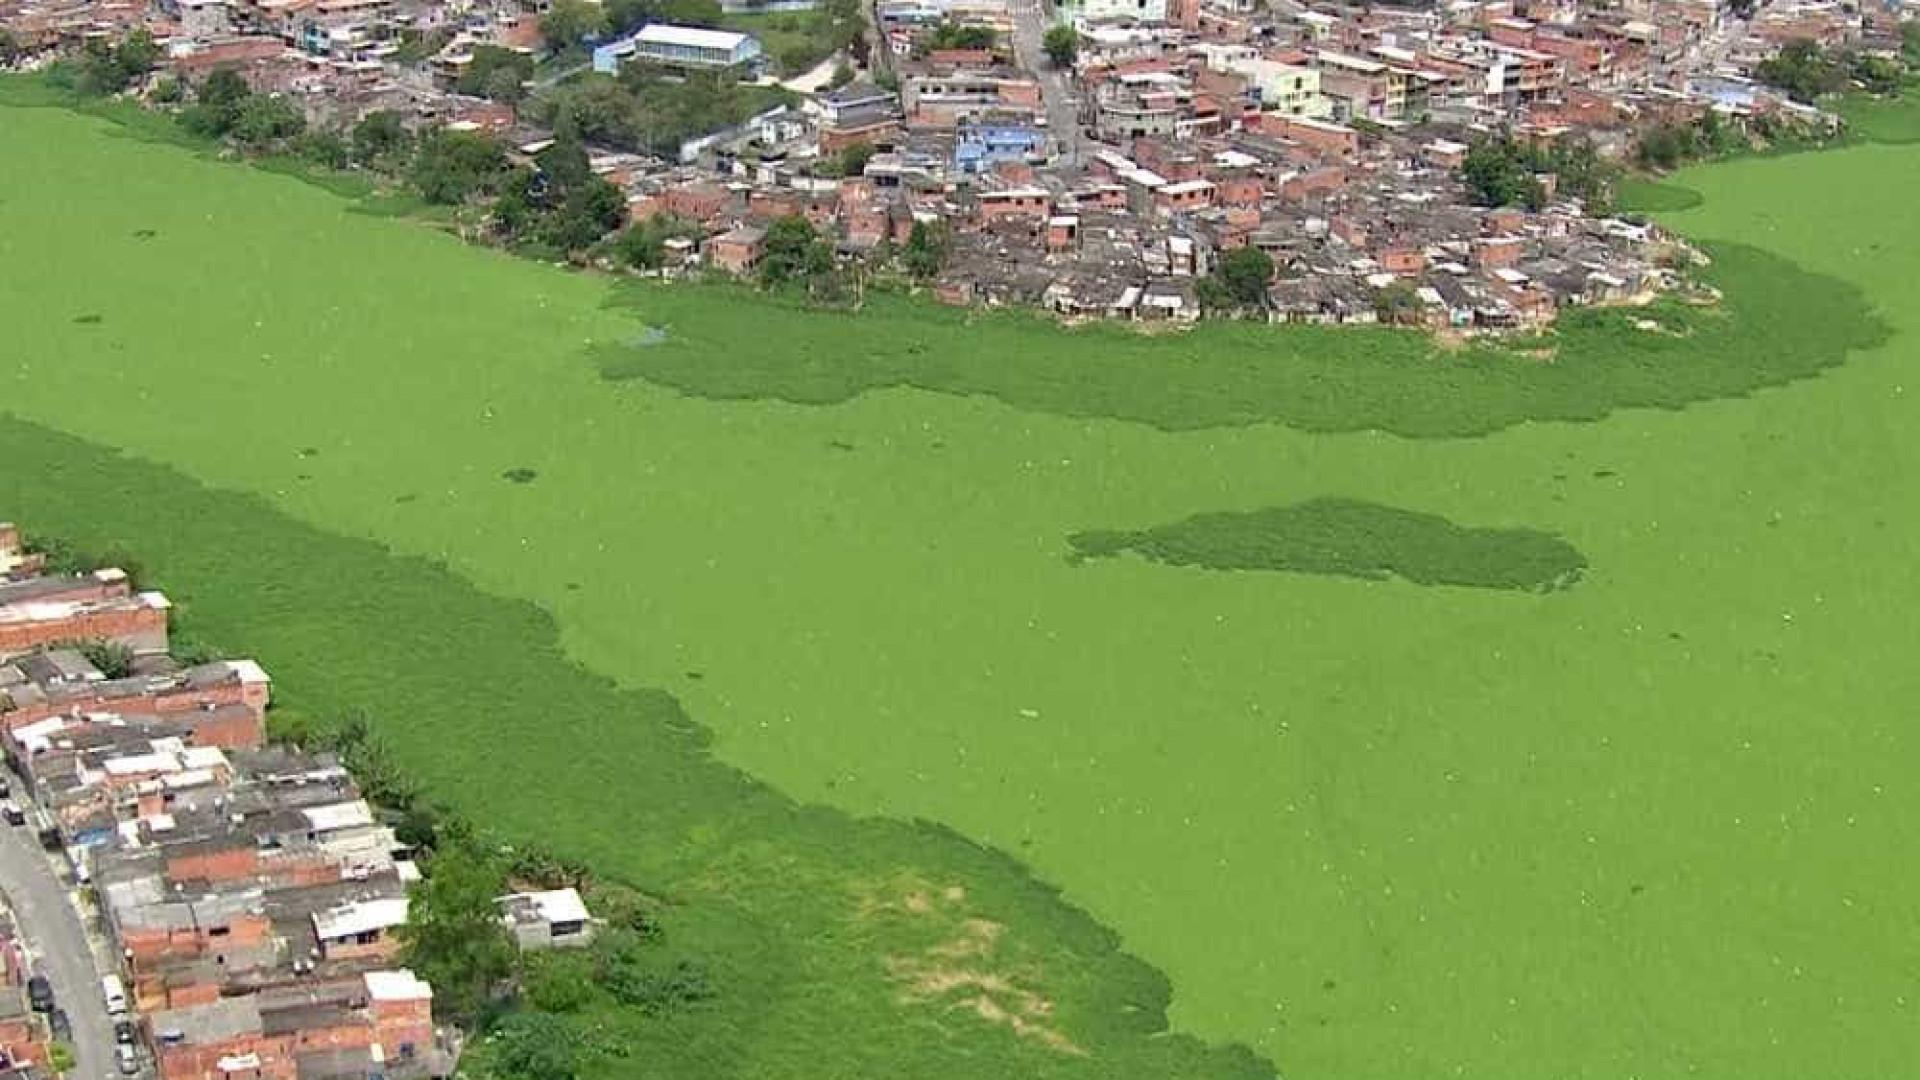 Represa Billings é tomada por 'tapete verde' em São Paulo